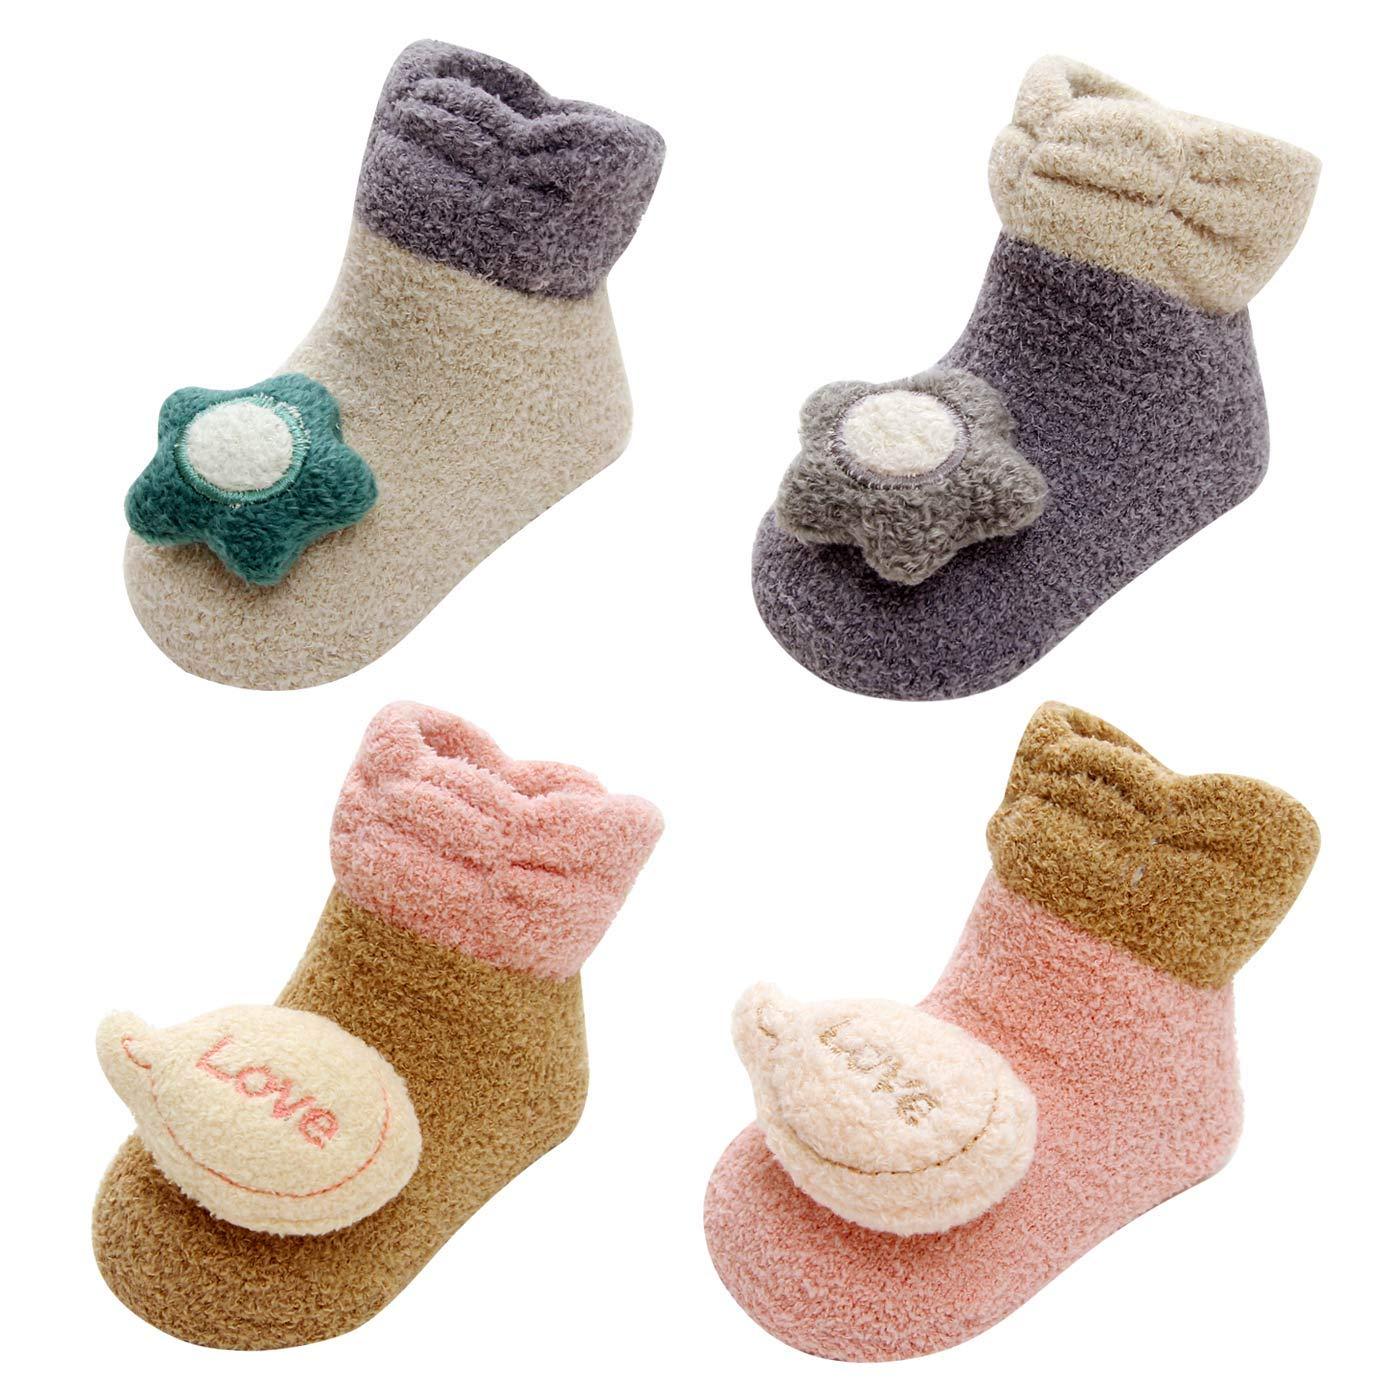 LIUCHENGHANG - Pack de 4 Pares de Calcetines Antideslizantes para Bebé Niños Modelo de Coche Anti-slip Zapatos para Casa Primer Paso con Puntos de Goma Adherentes - Coche - 0-6 Meses